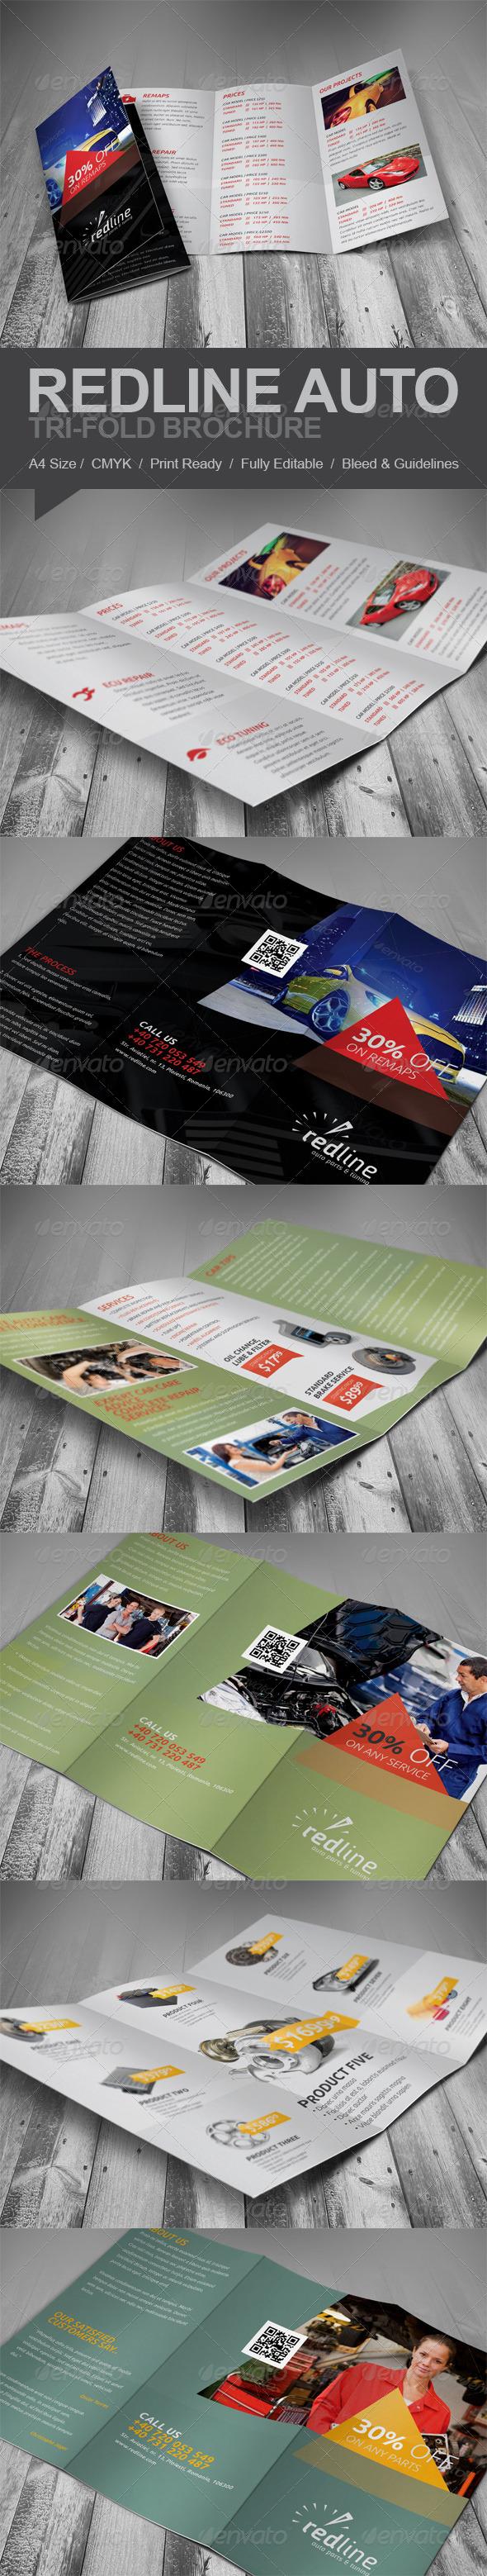 GraphicRiver Redline Auto Tri-fold Brochure 5809238